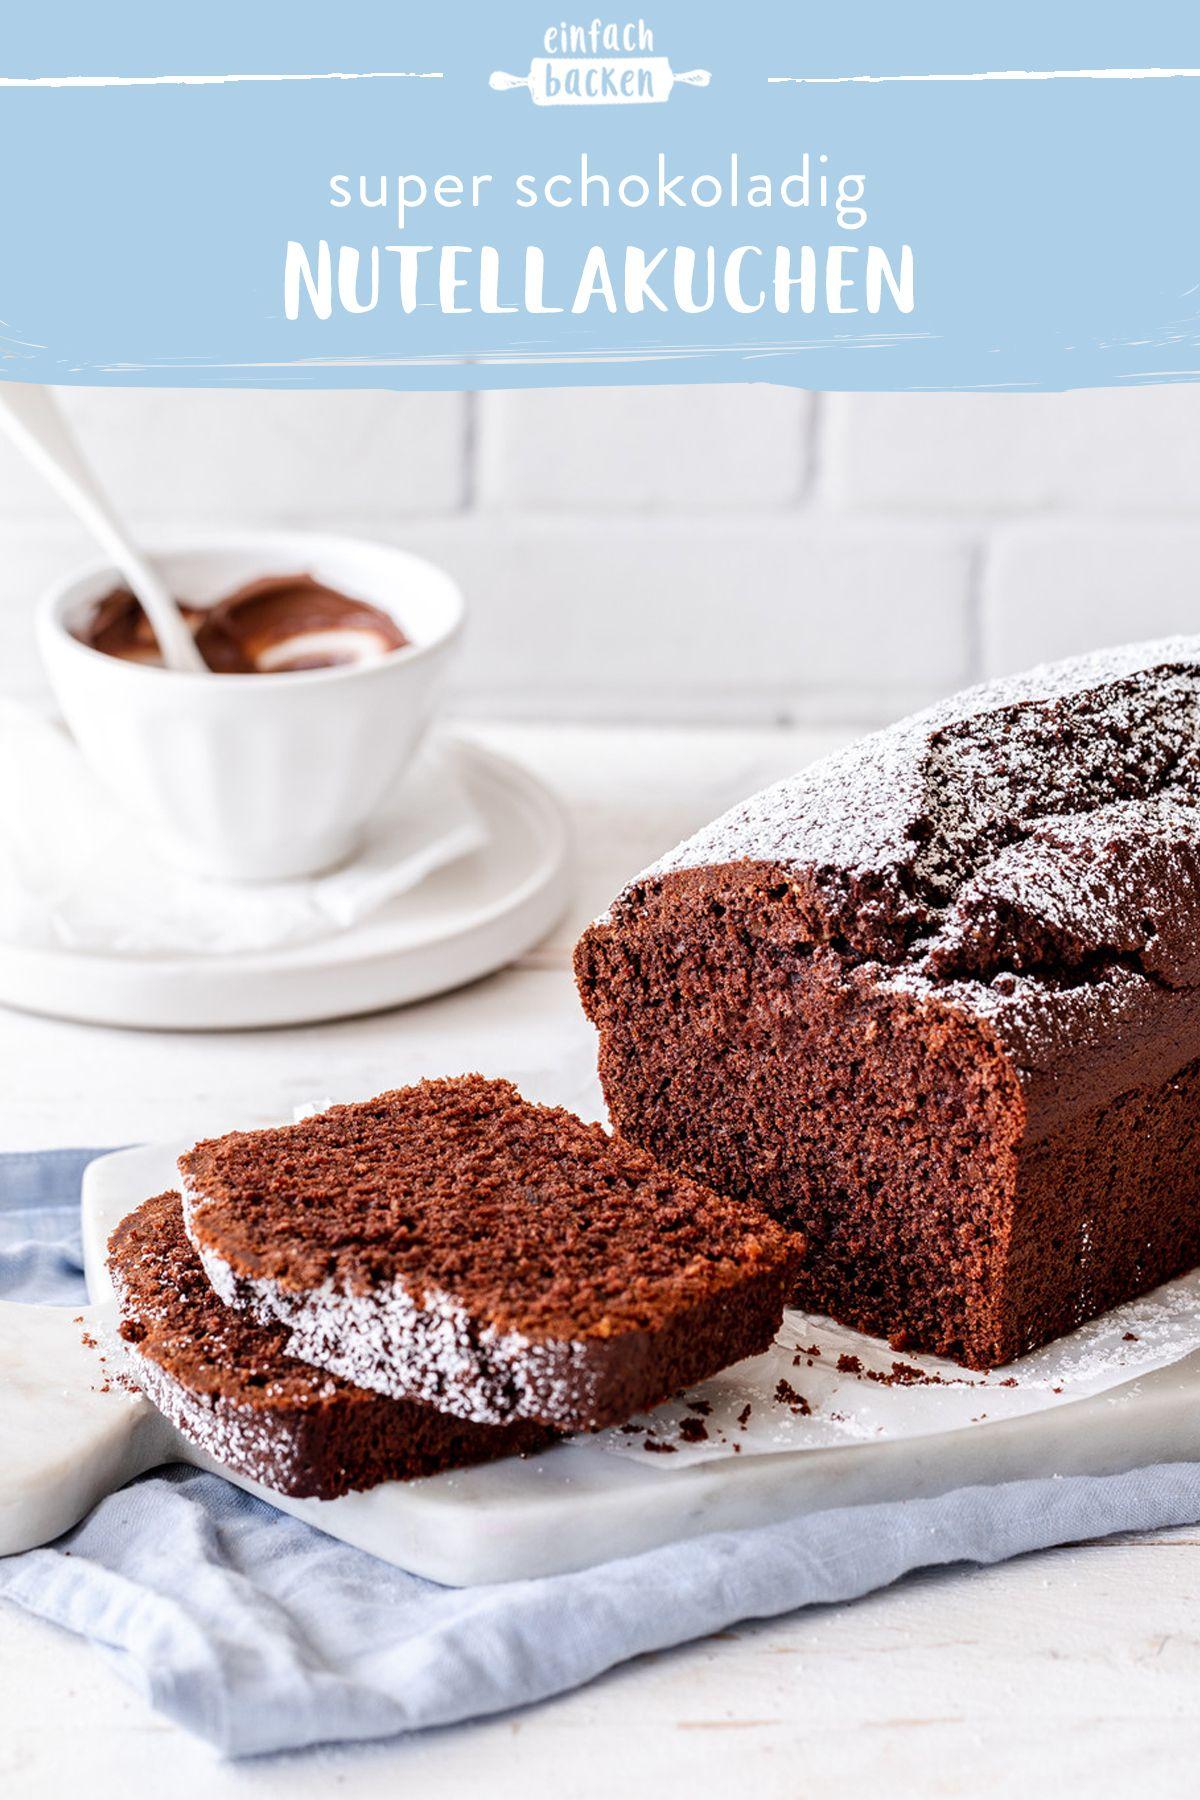 Nutellakuchen Die Besten Backrezepte Mit Gelinggarantie Rezept Nutella Kuchen Nutella Kuchen Rezept Einfach Backen